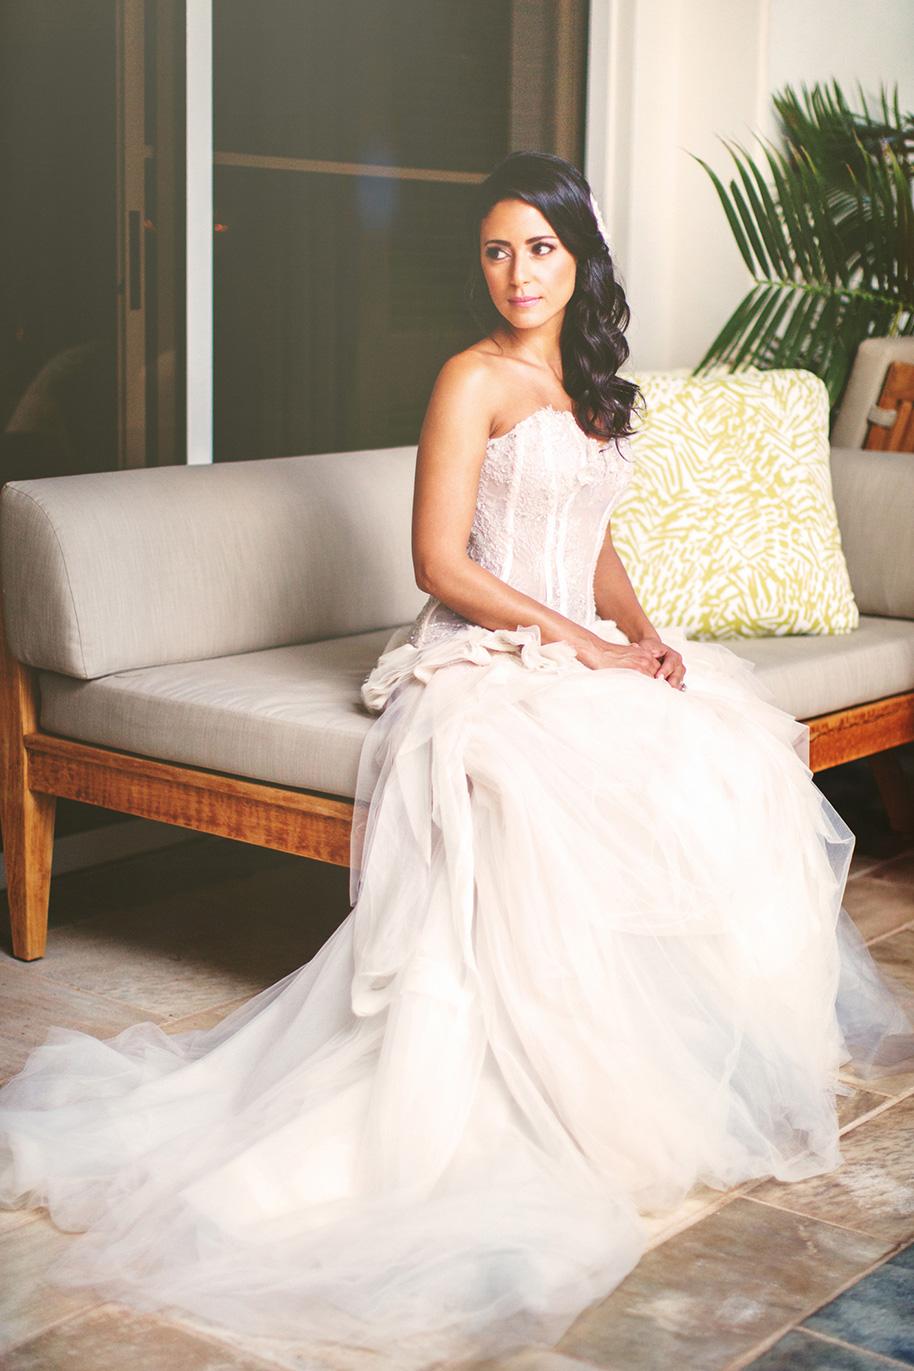 Lanikuhonua-Wedding-020117-6.jpg